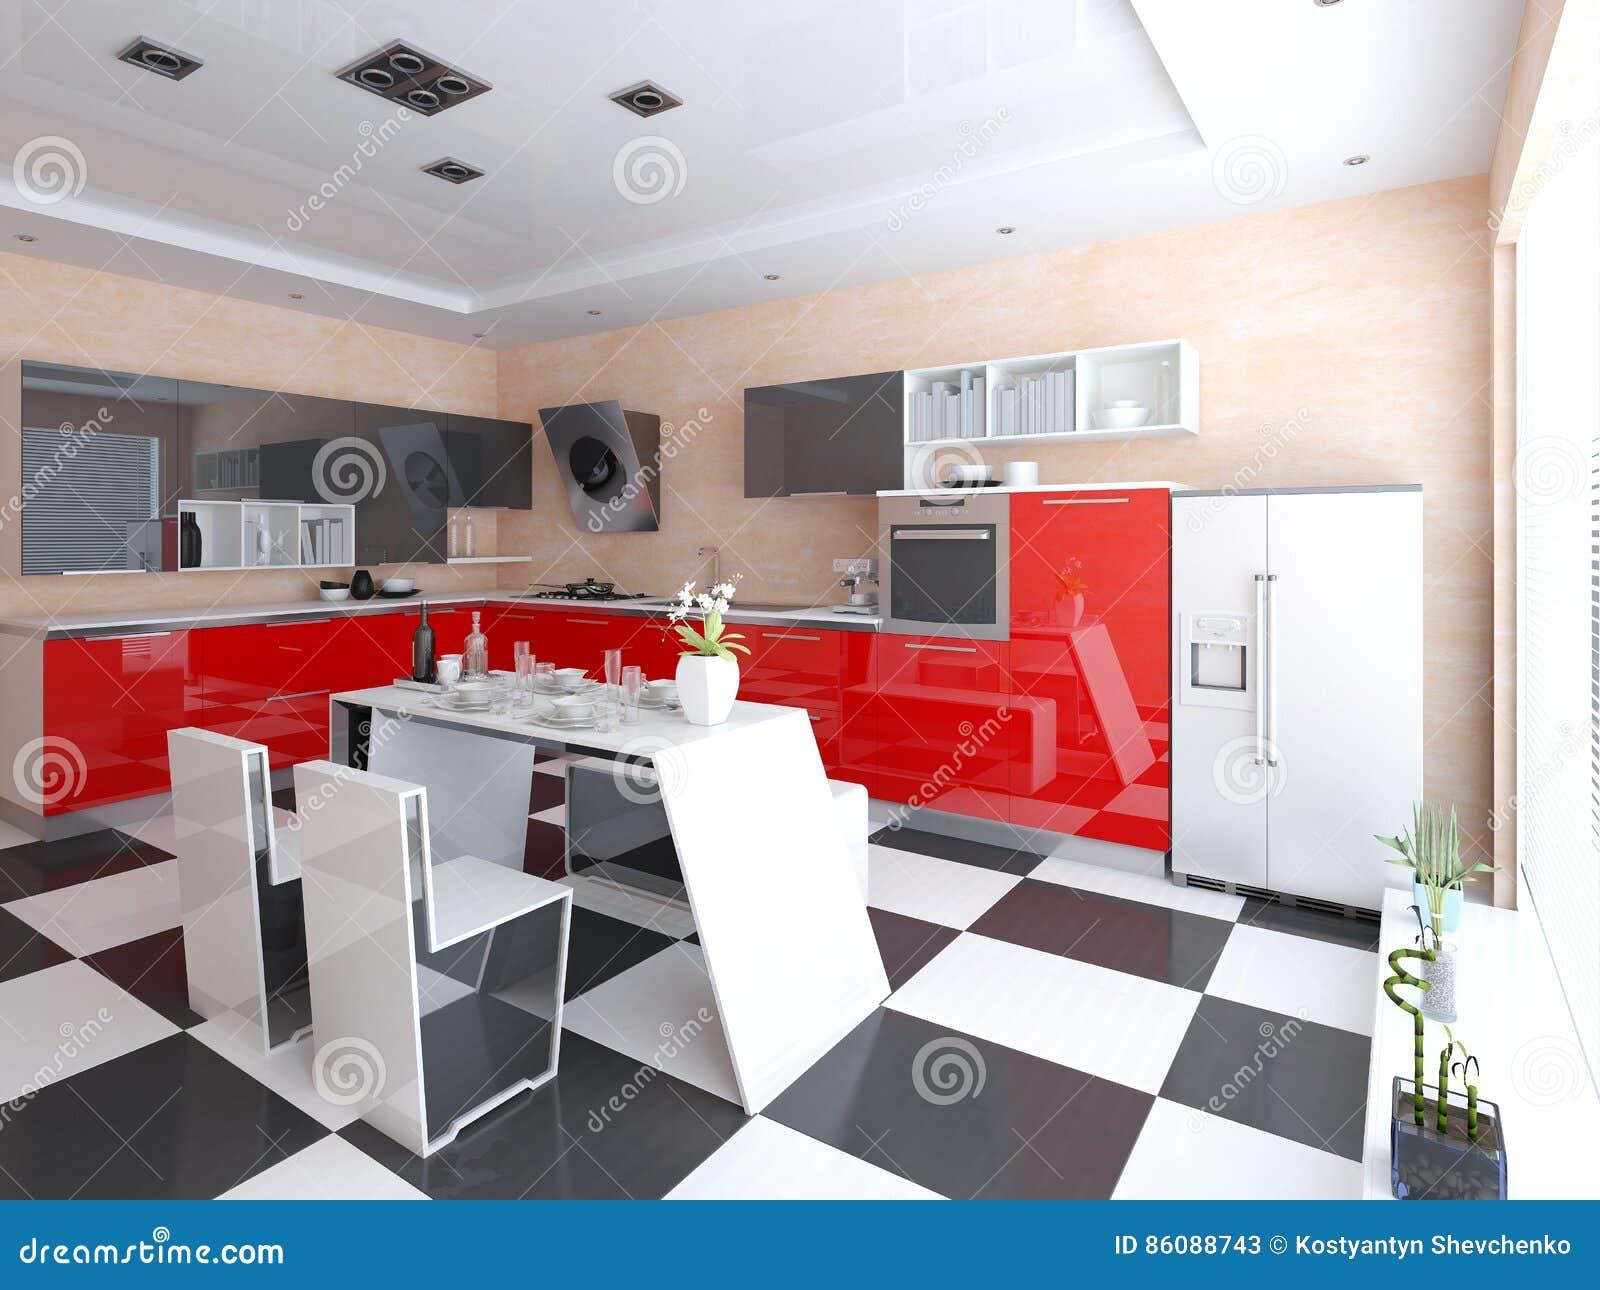 Cocina Moderna Brillante Con Muebles Funcionales Stock De  # Muebles Funcionales